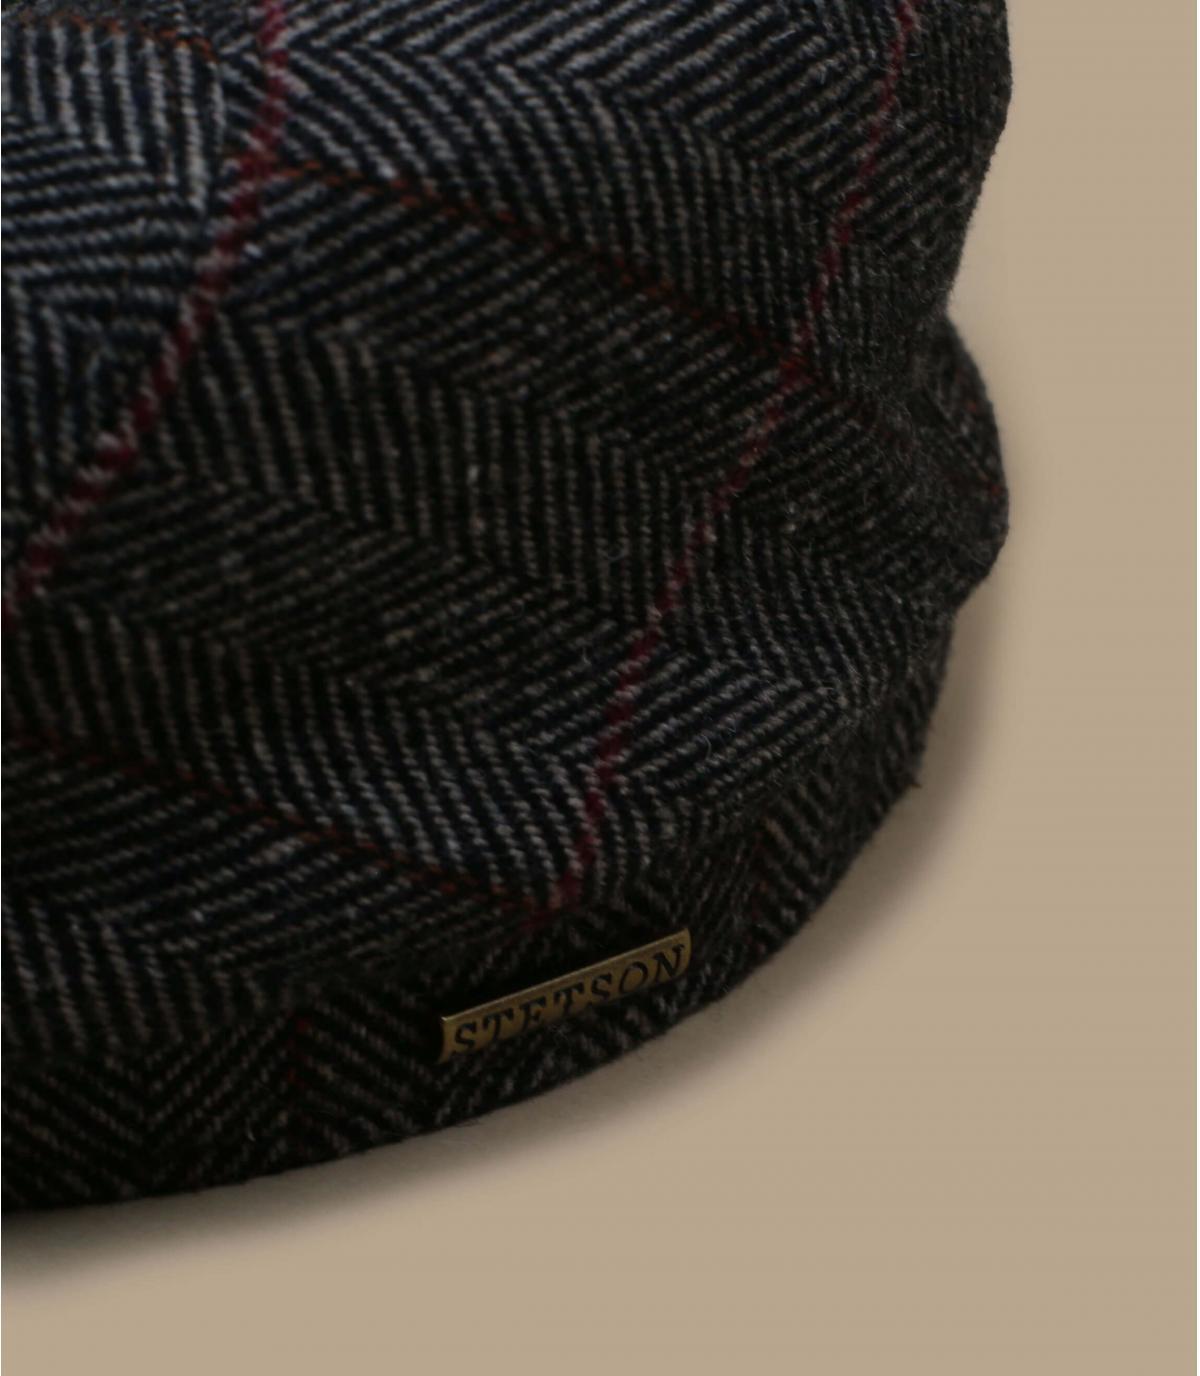 Détails Oregon wool - image 2